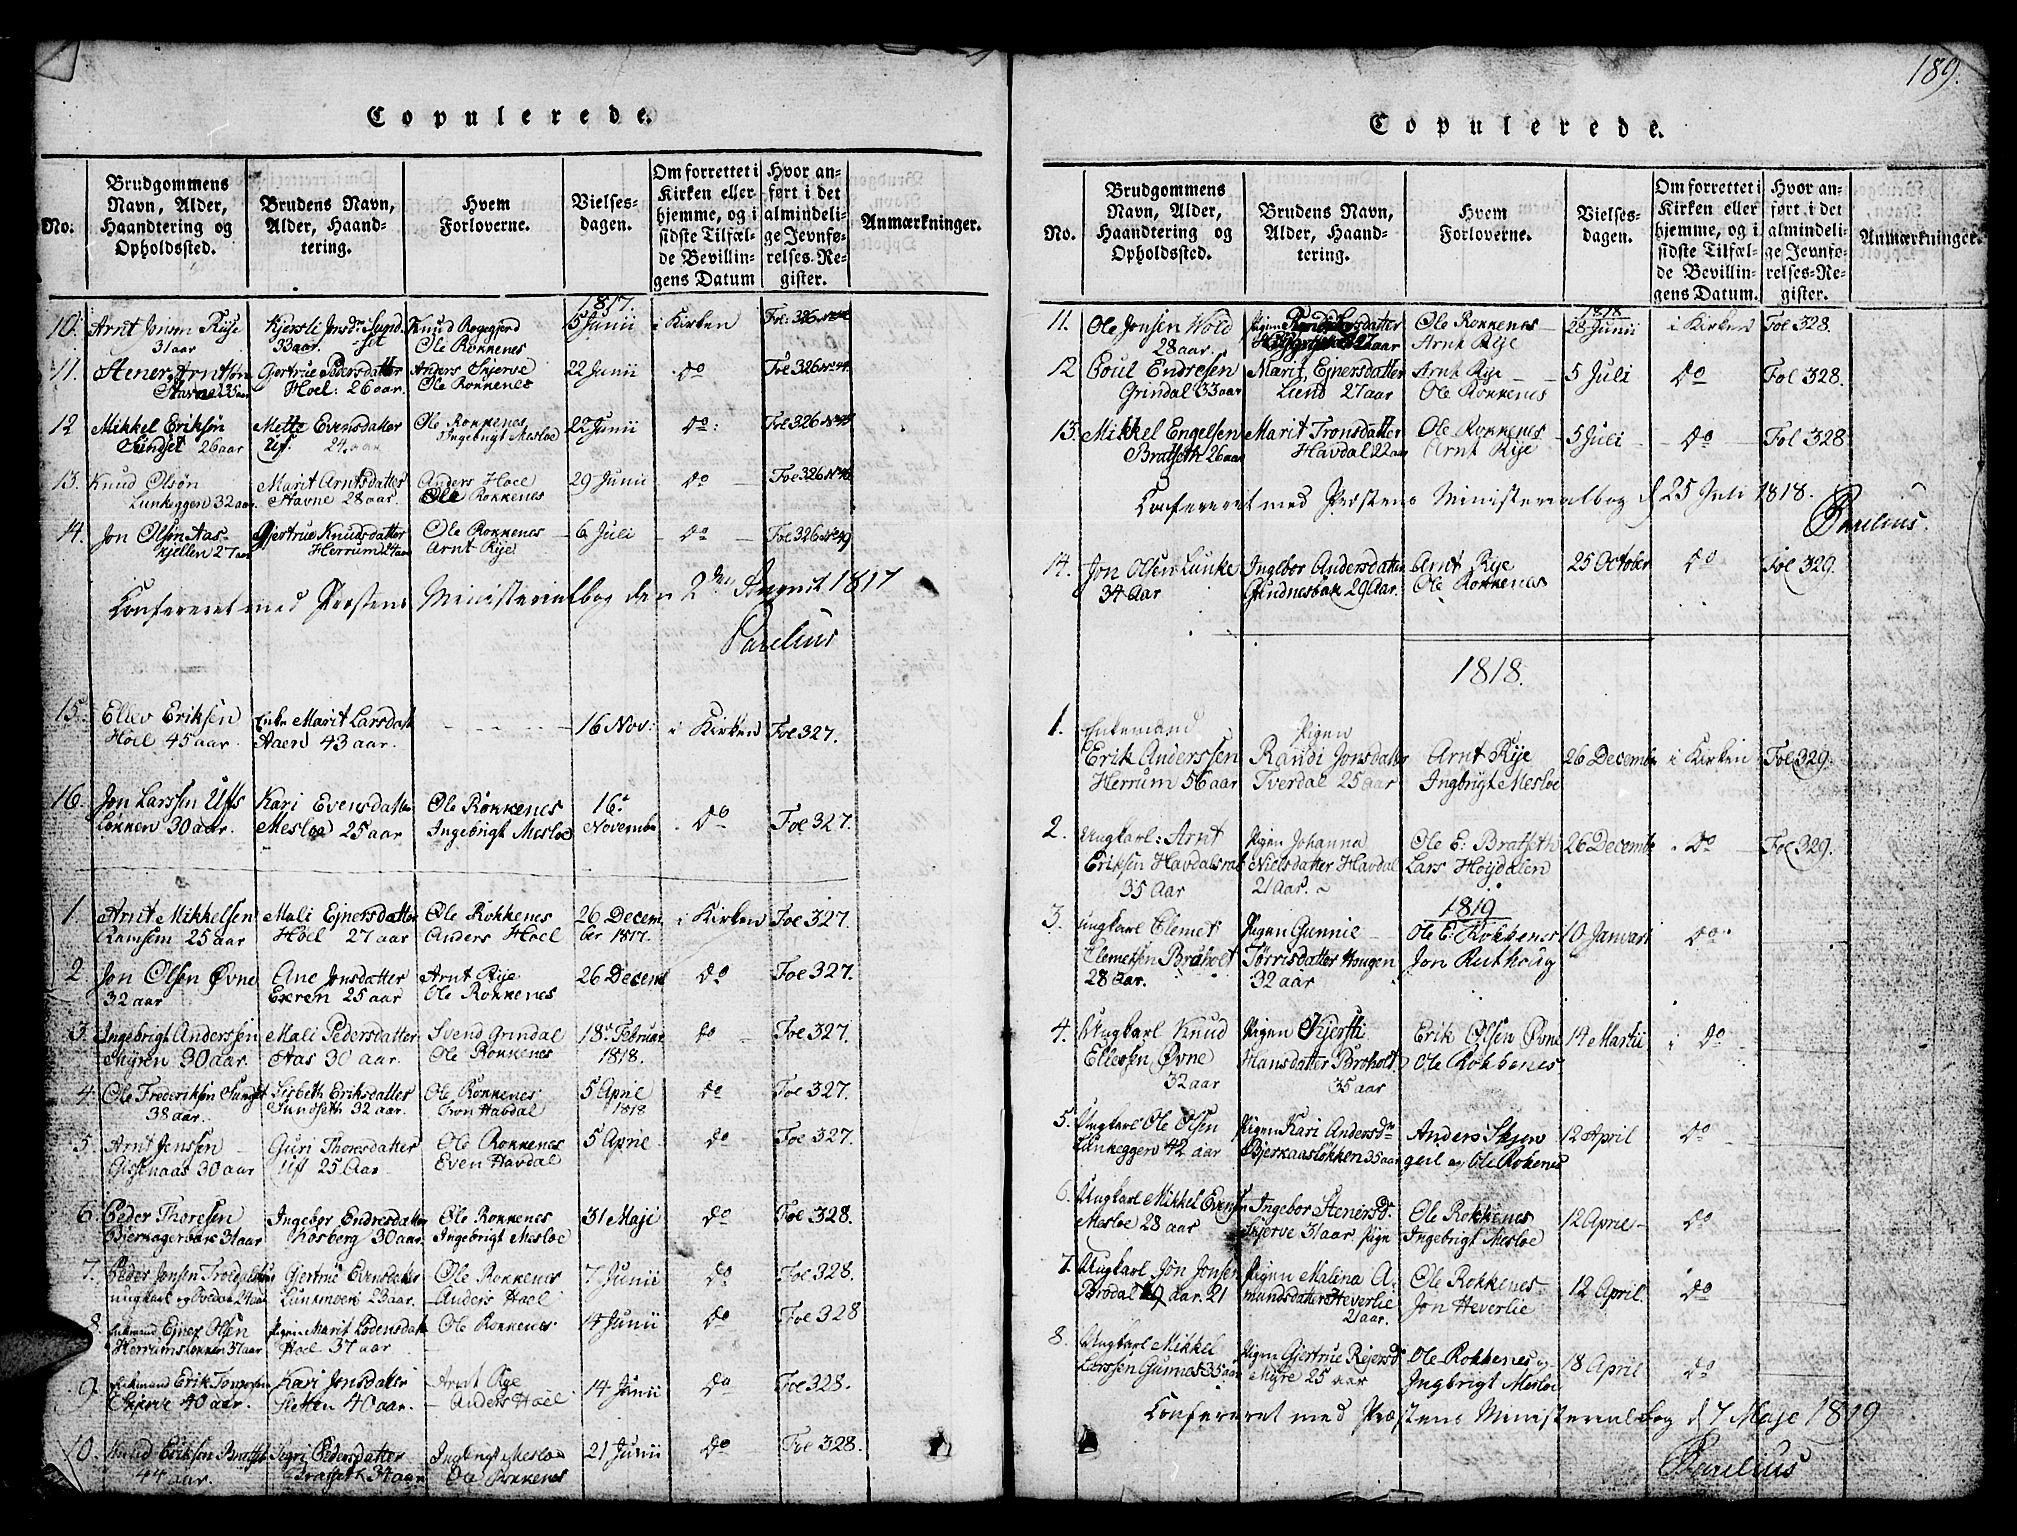 SAT, Ministerialprotokoller, klokkerbøker og fødselsregistre - Sør-Trøndelag, 674/L0874: Klokkerbok nr. 674C01, 1816-1860, s. 189